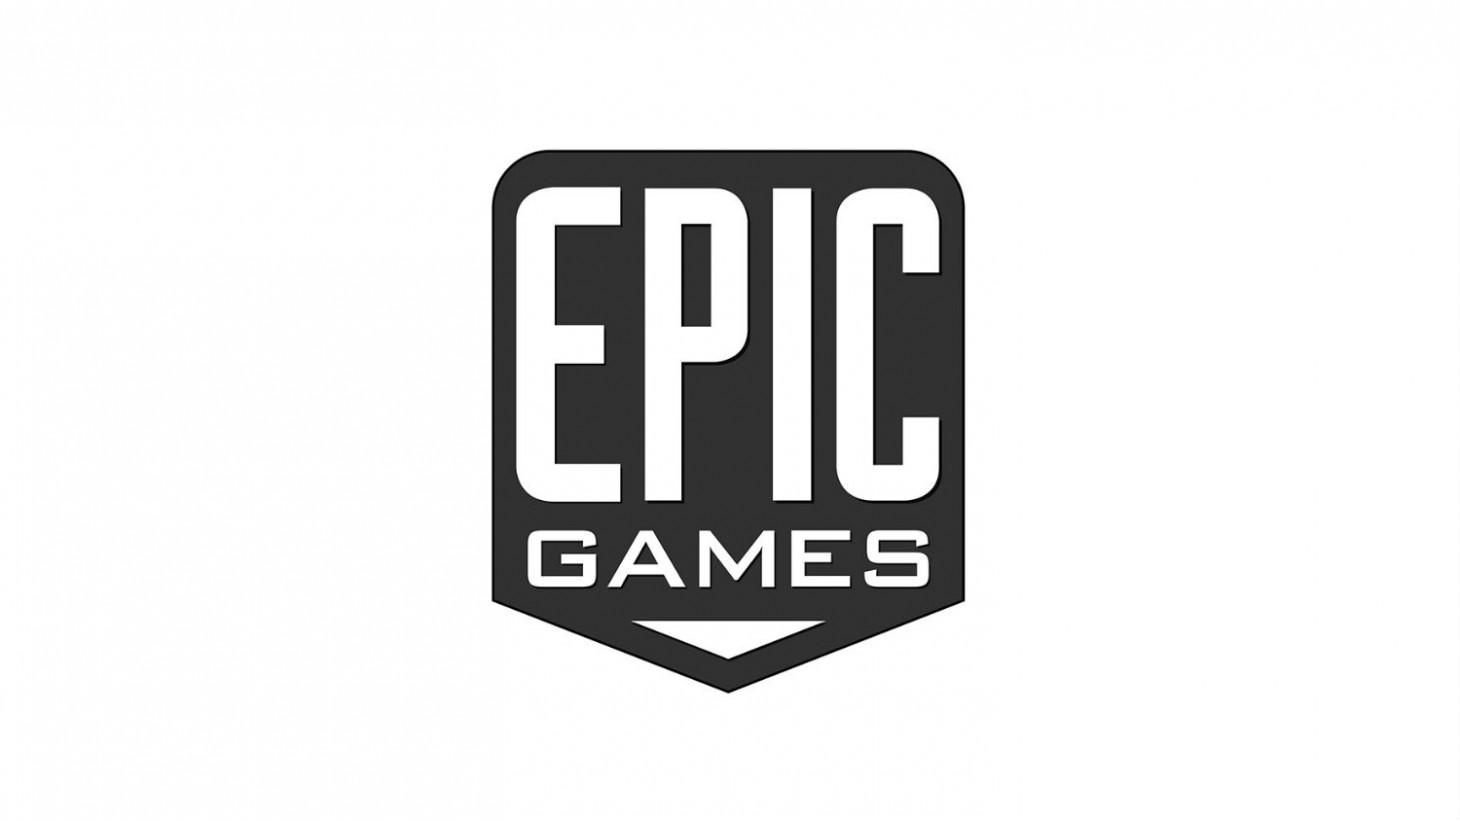 آبل تحذف حساب Epic Games عن متجرها App Store